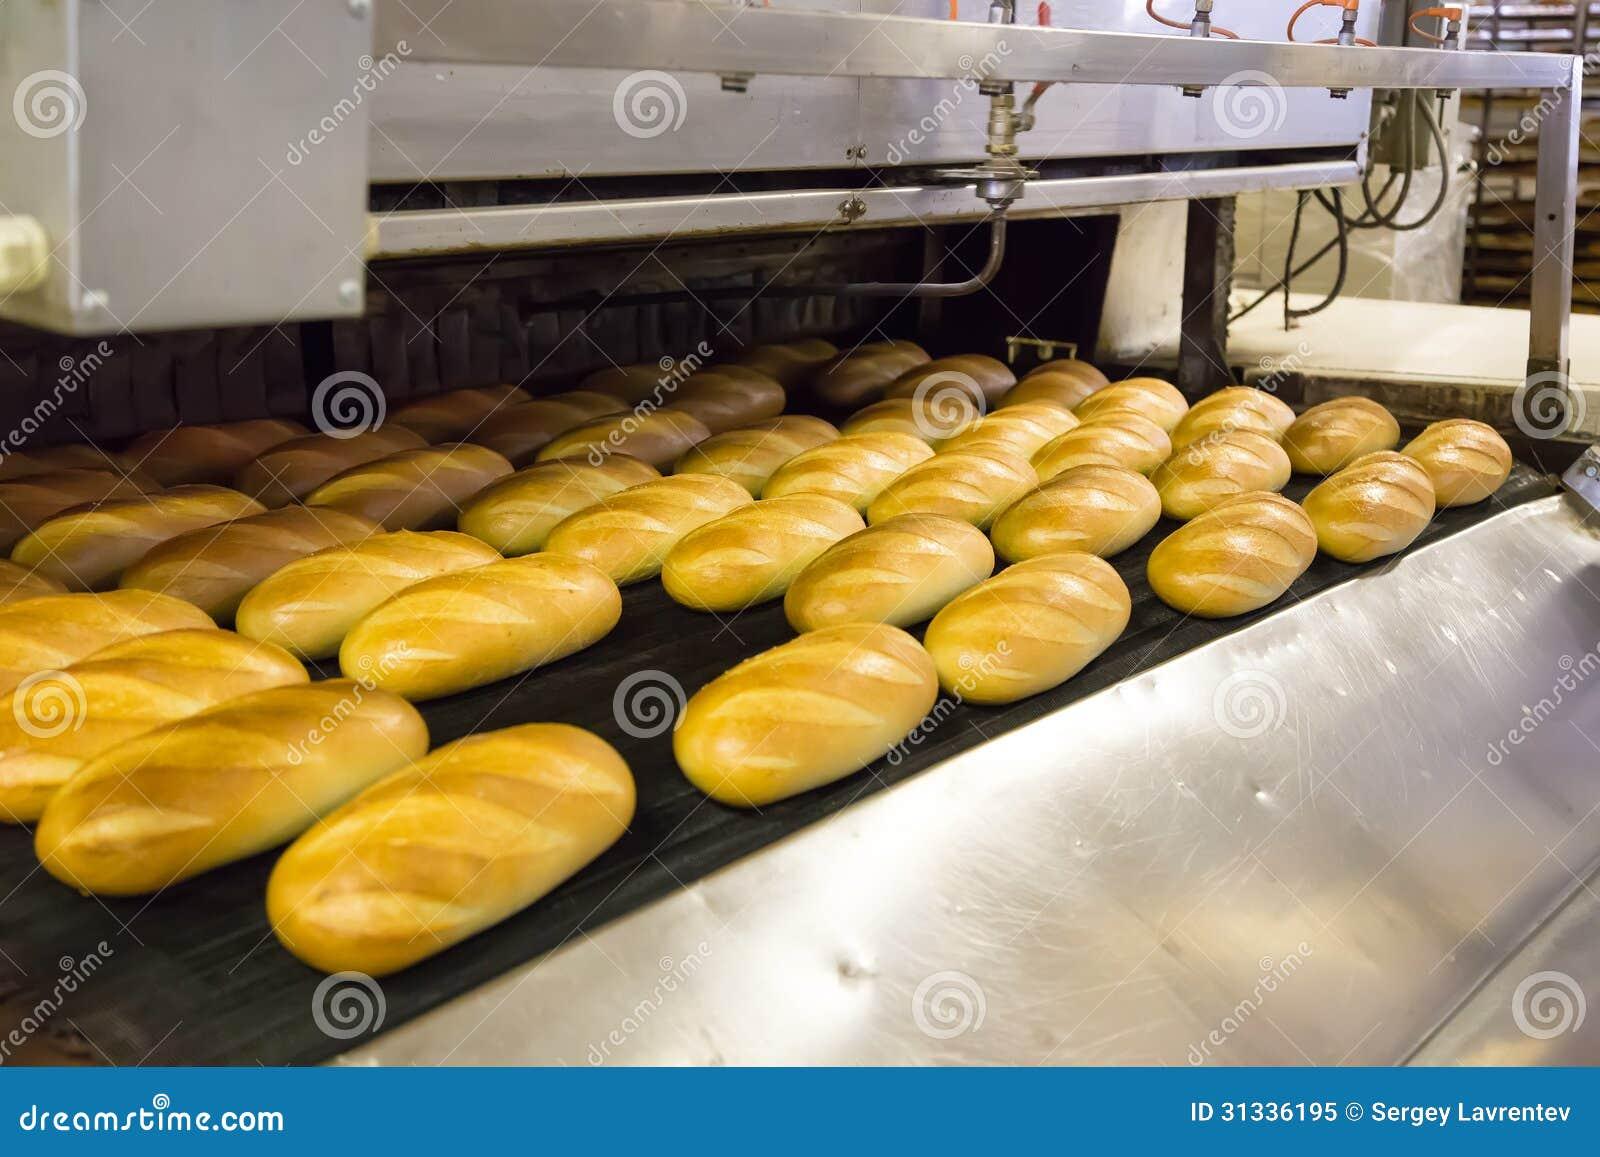 Produktion des Brotes in der Fabrik